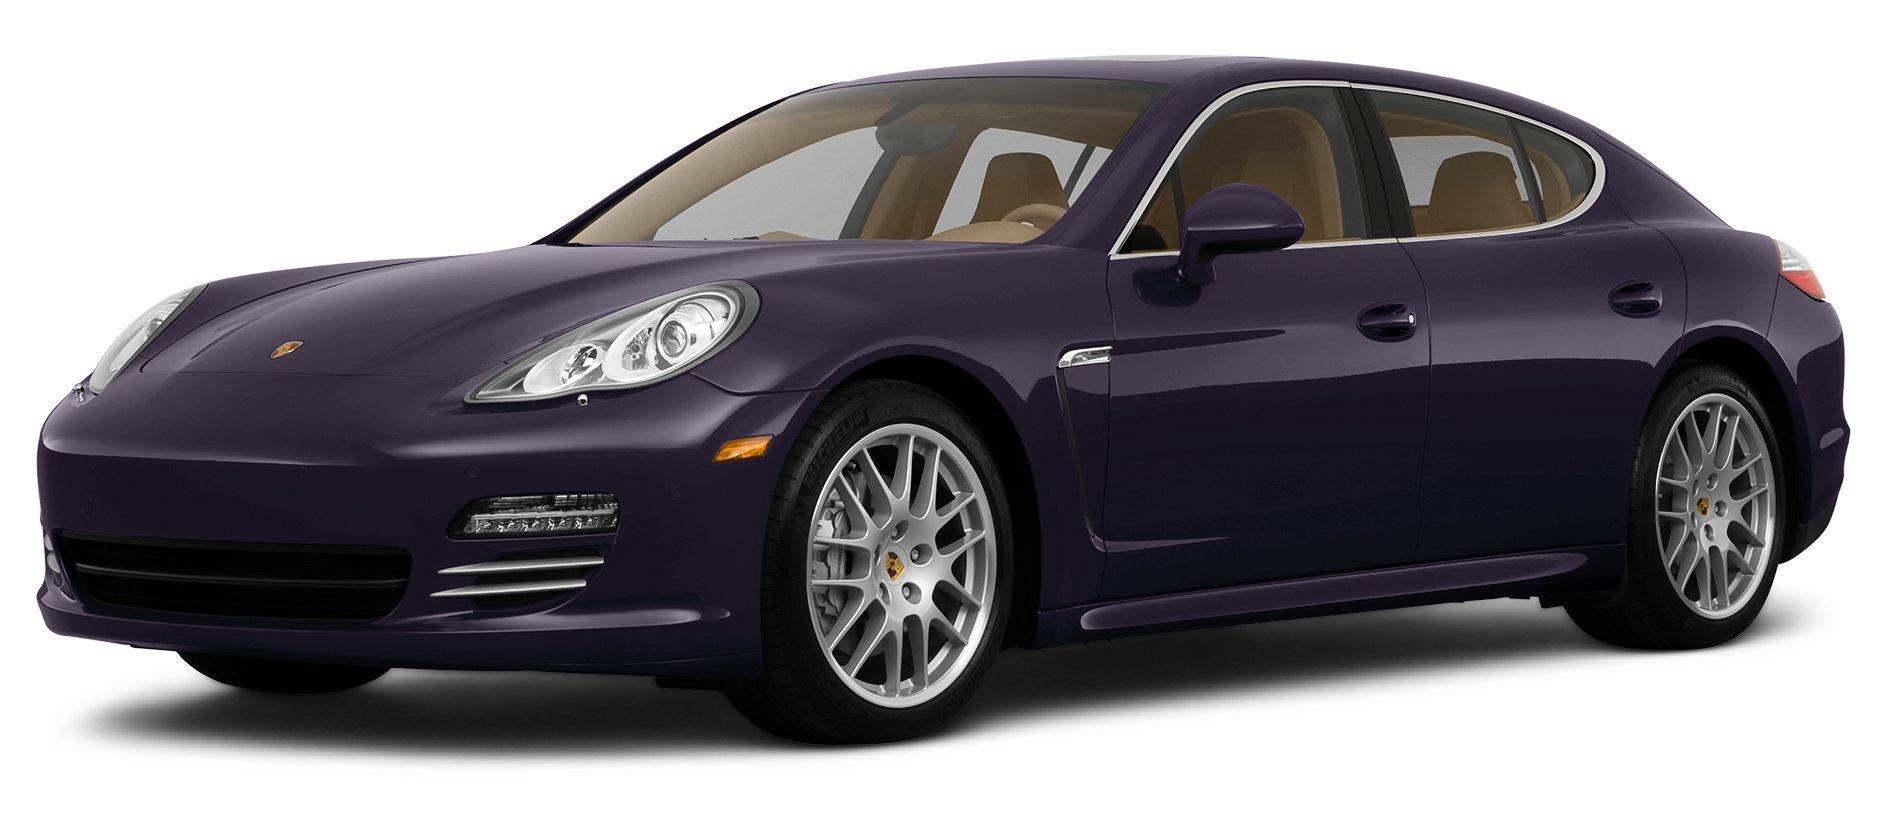 2010 Porsche Panamera 4S, 4-Door Hatchback ...